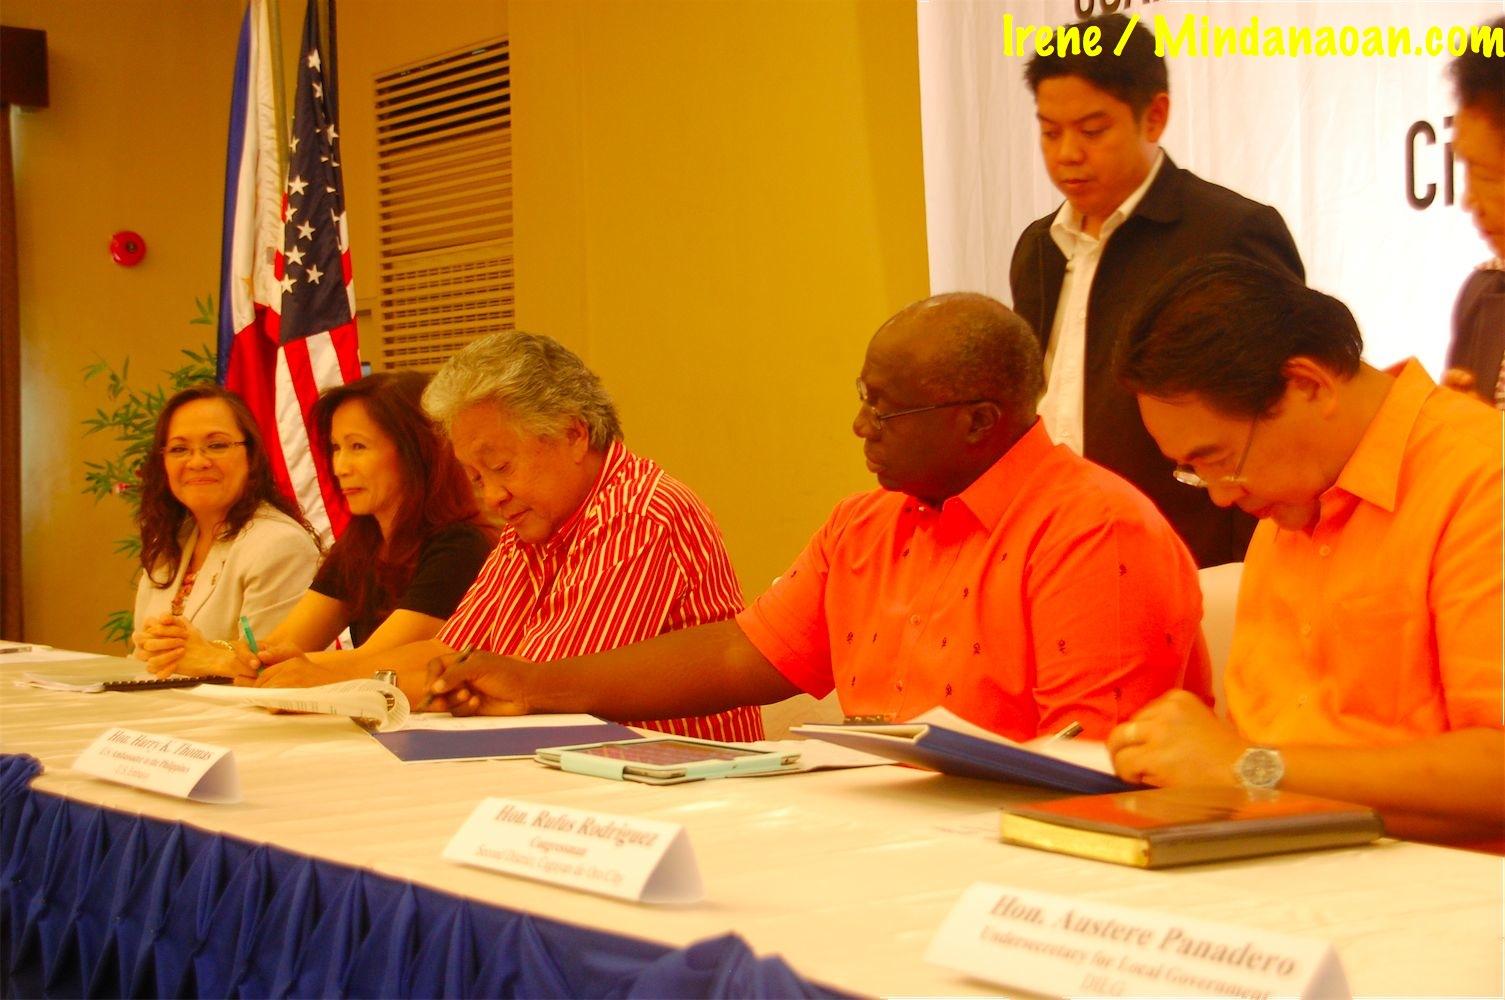 usaid-cdo-cities-development-initiative-launch-cagayan-de-oro